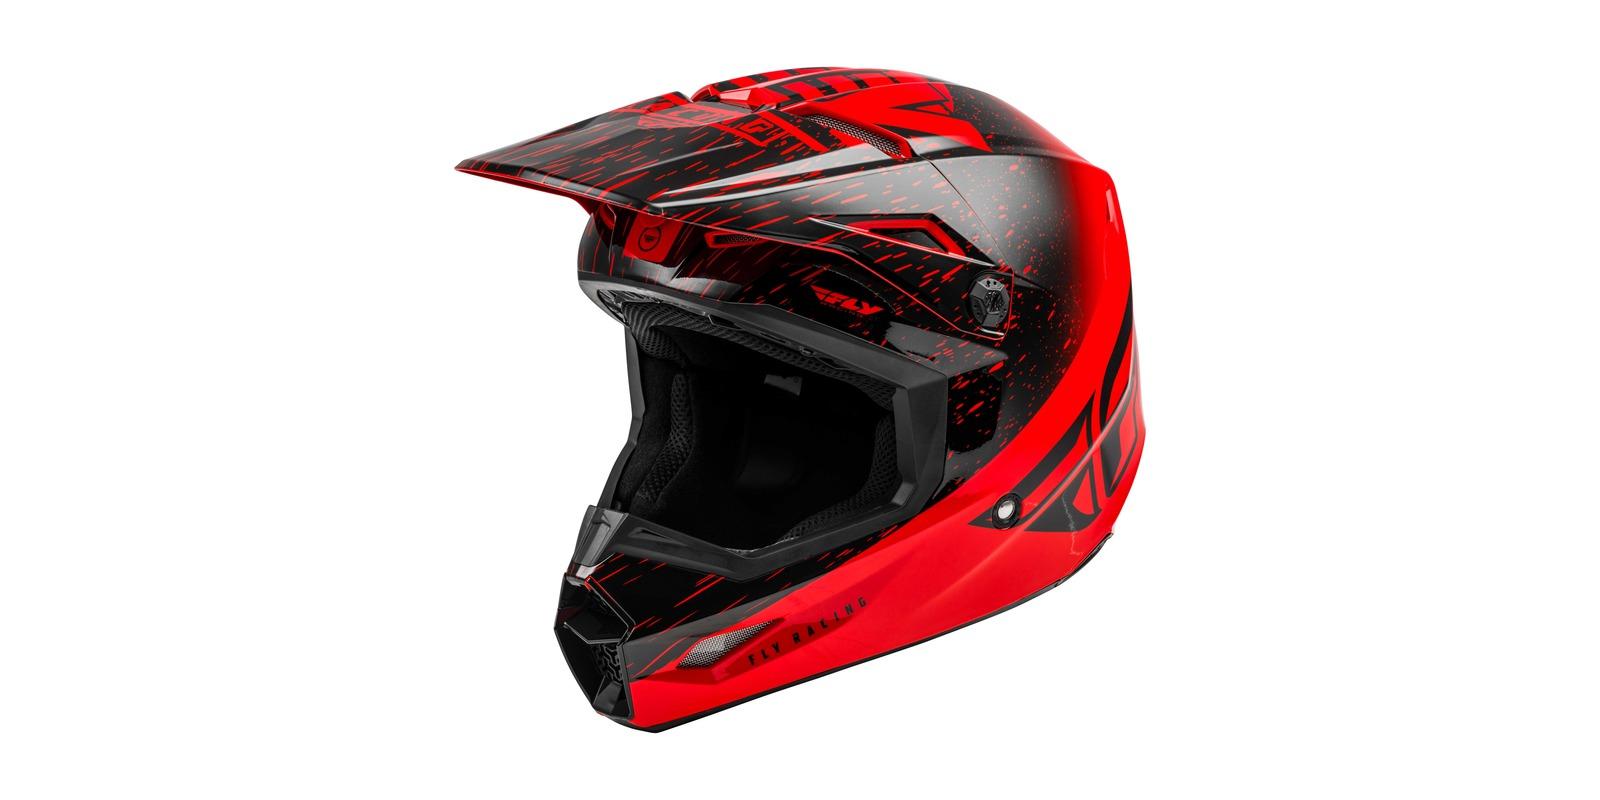 přilba KINETIC K120, FLY RACING - USA (červená/černá)